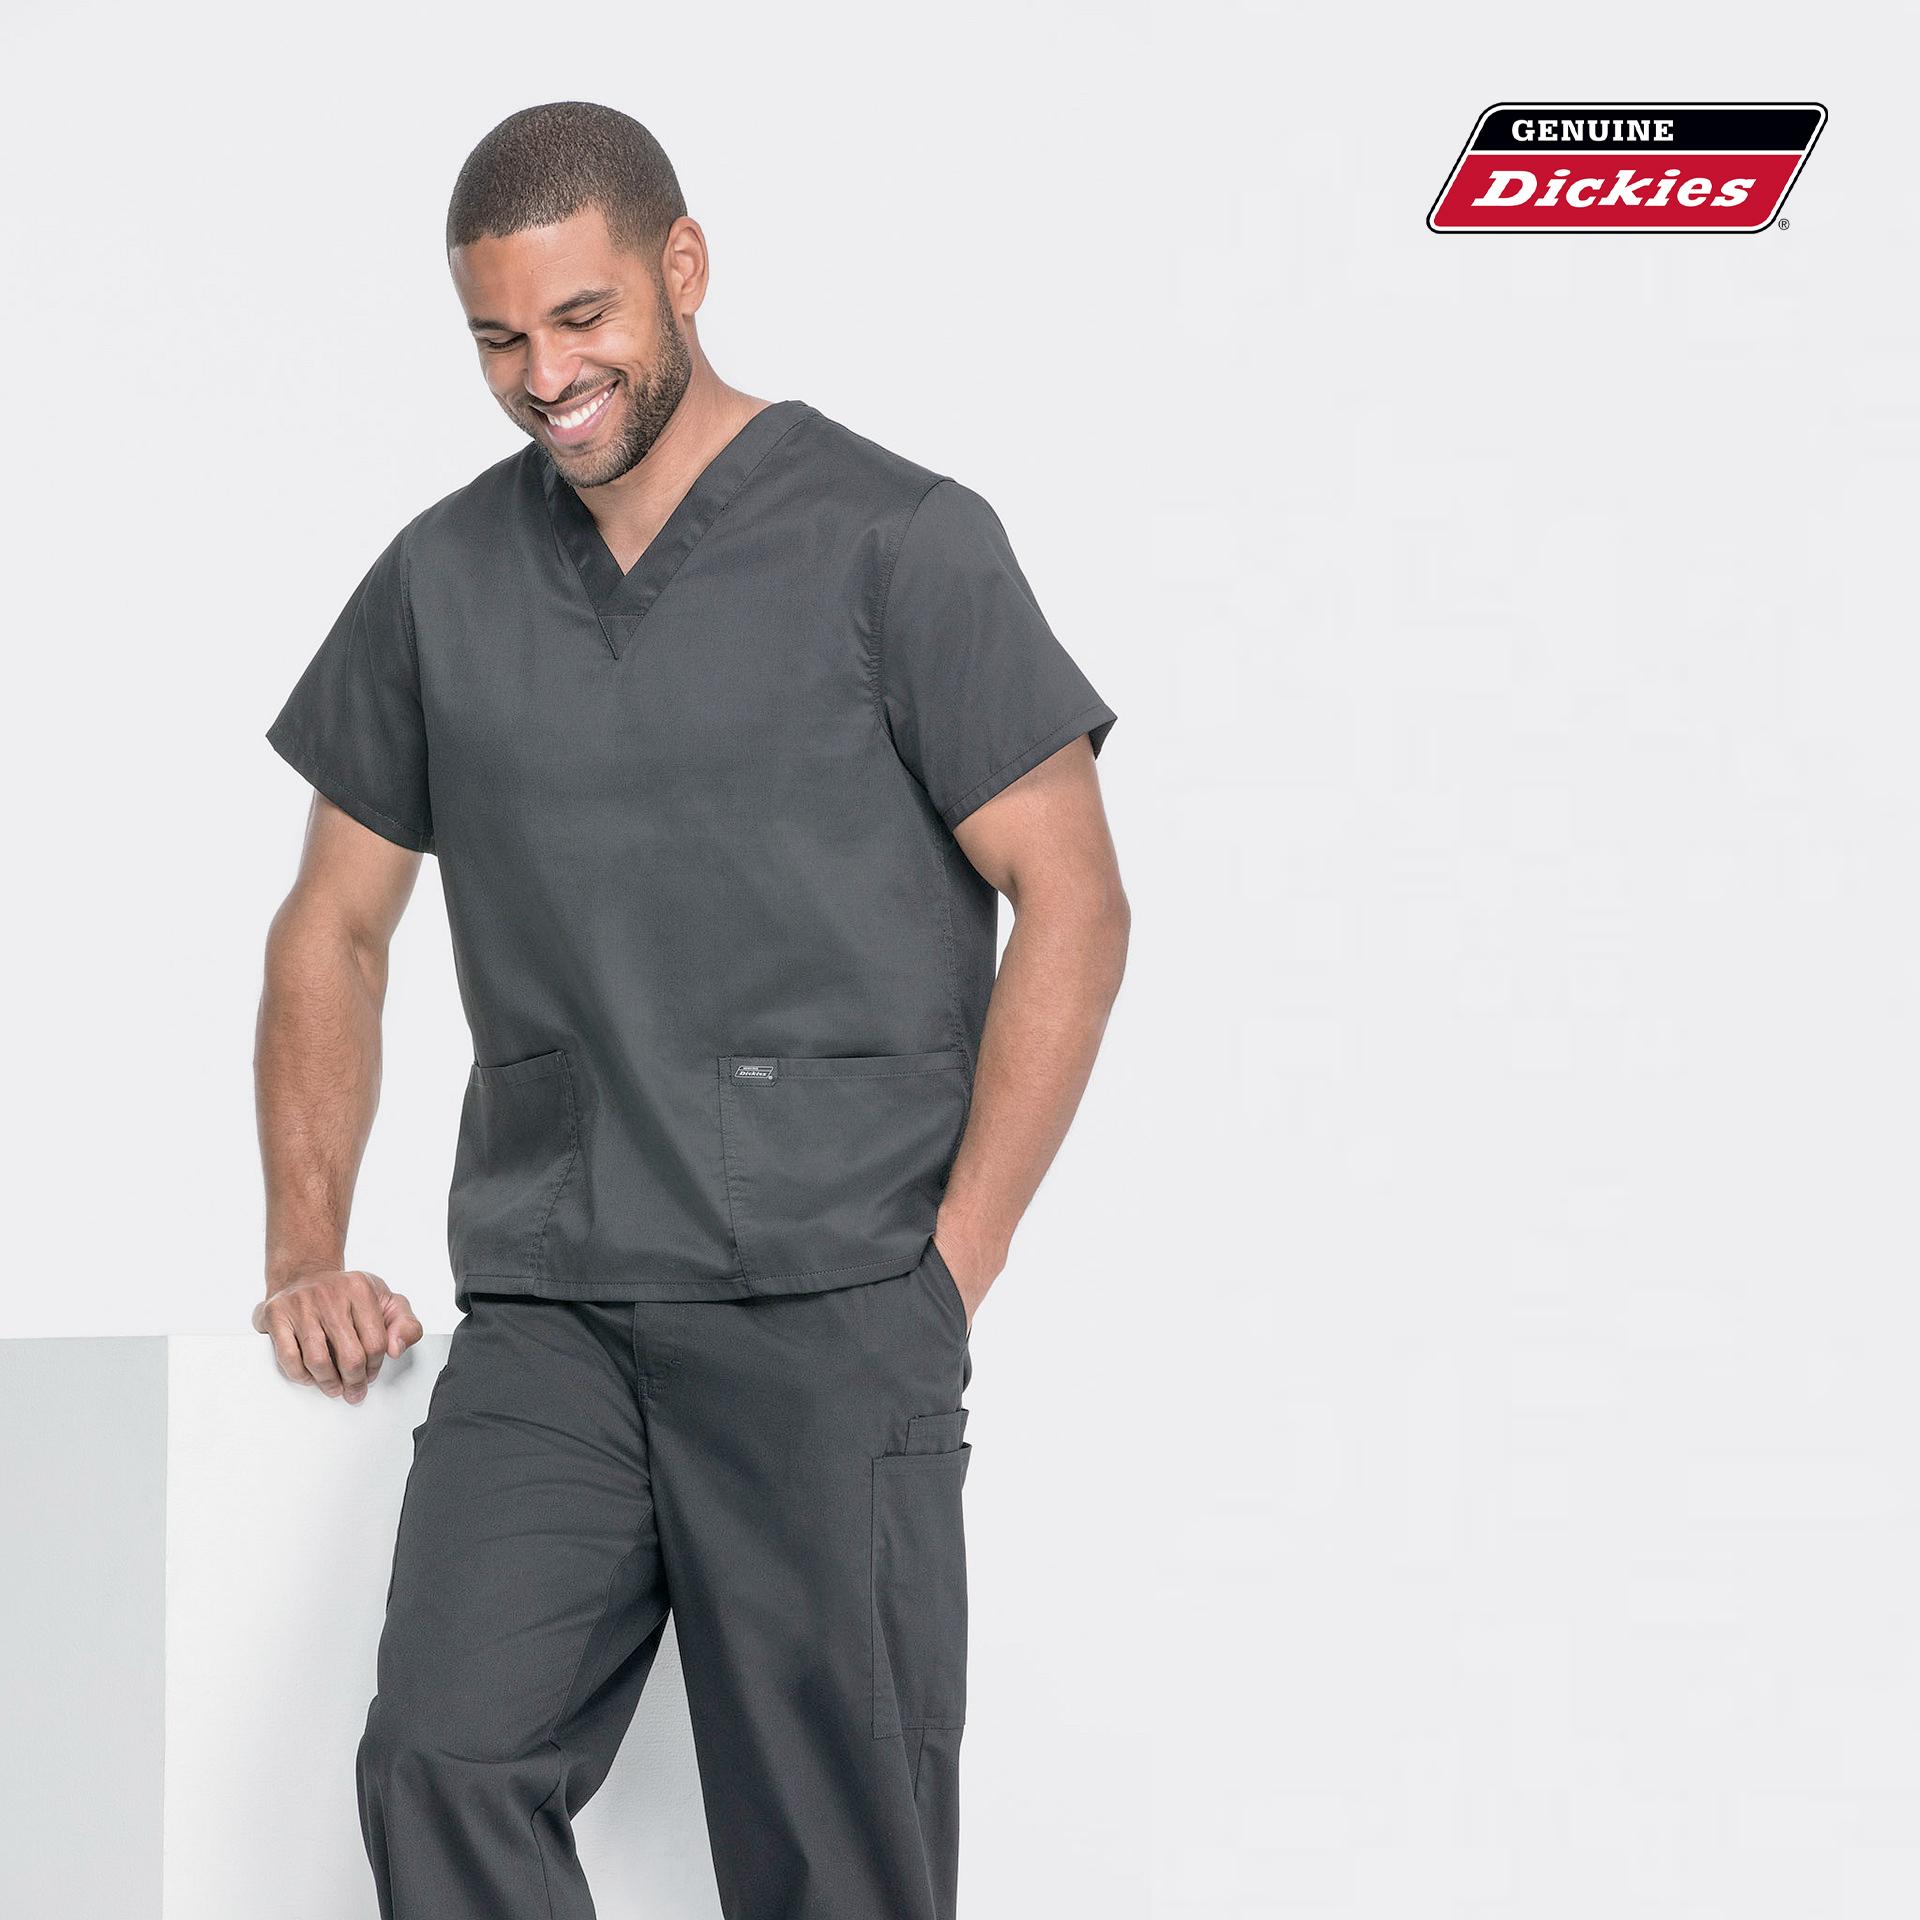 Мужской медицинский костюм Dickies цвет серый